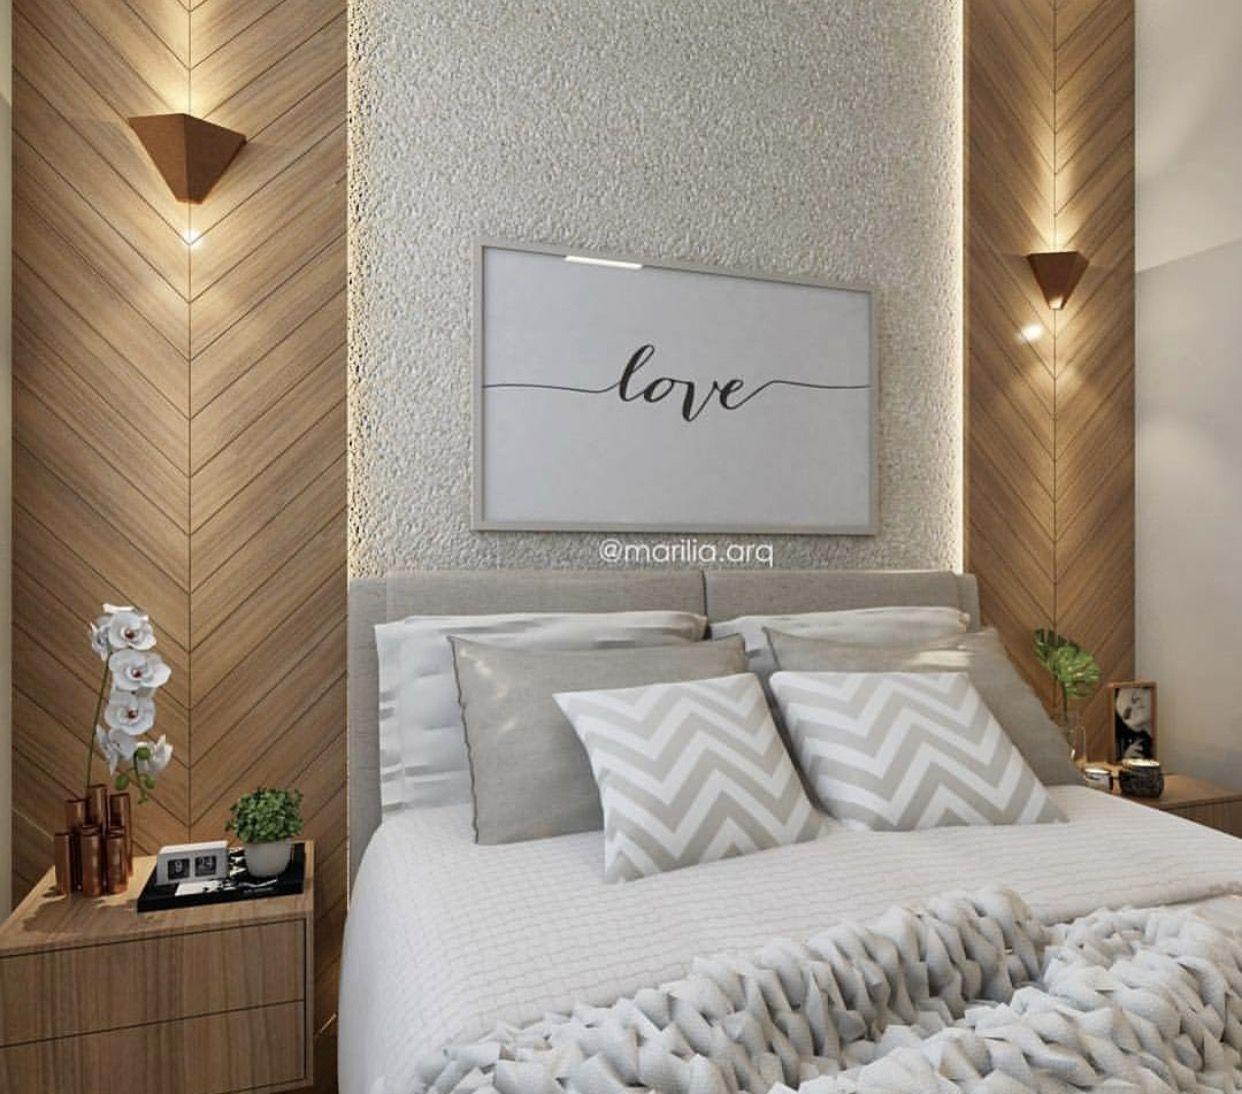 Pin von Bruna Berto auf Decor | Pinterest | Schlafzimmer ...